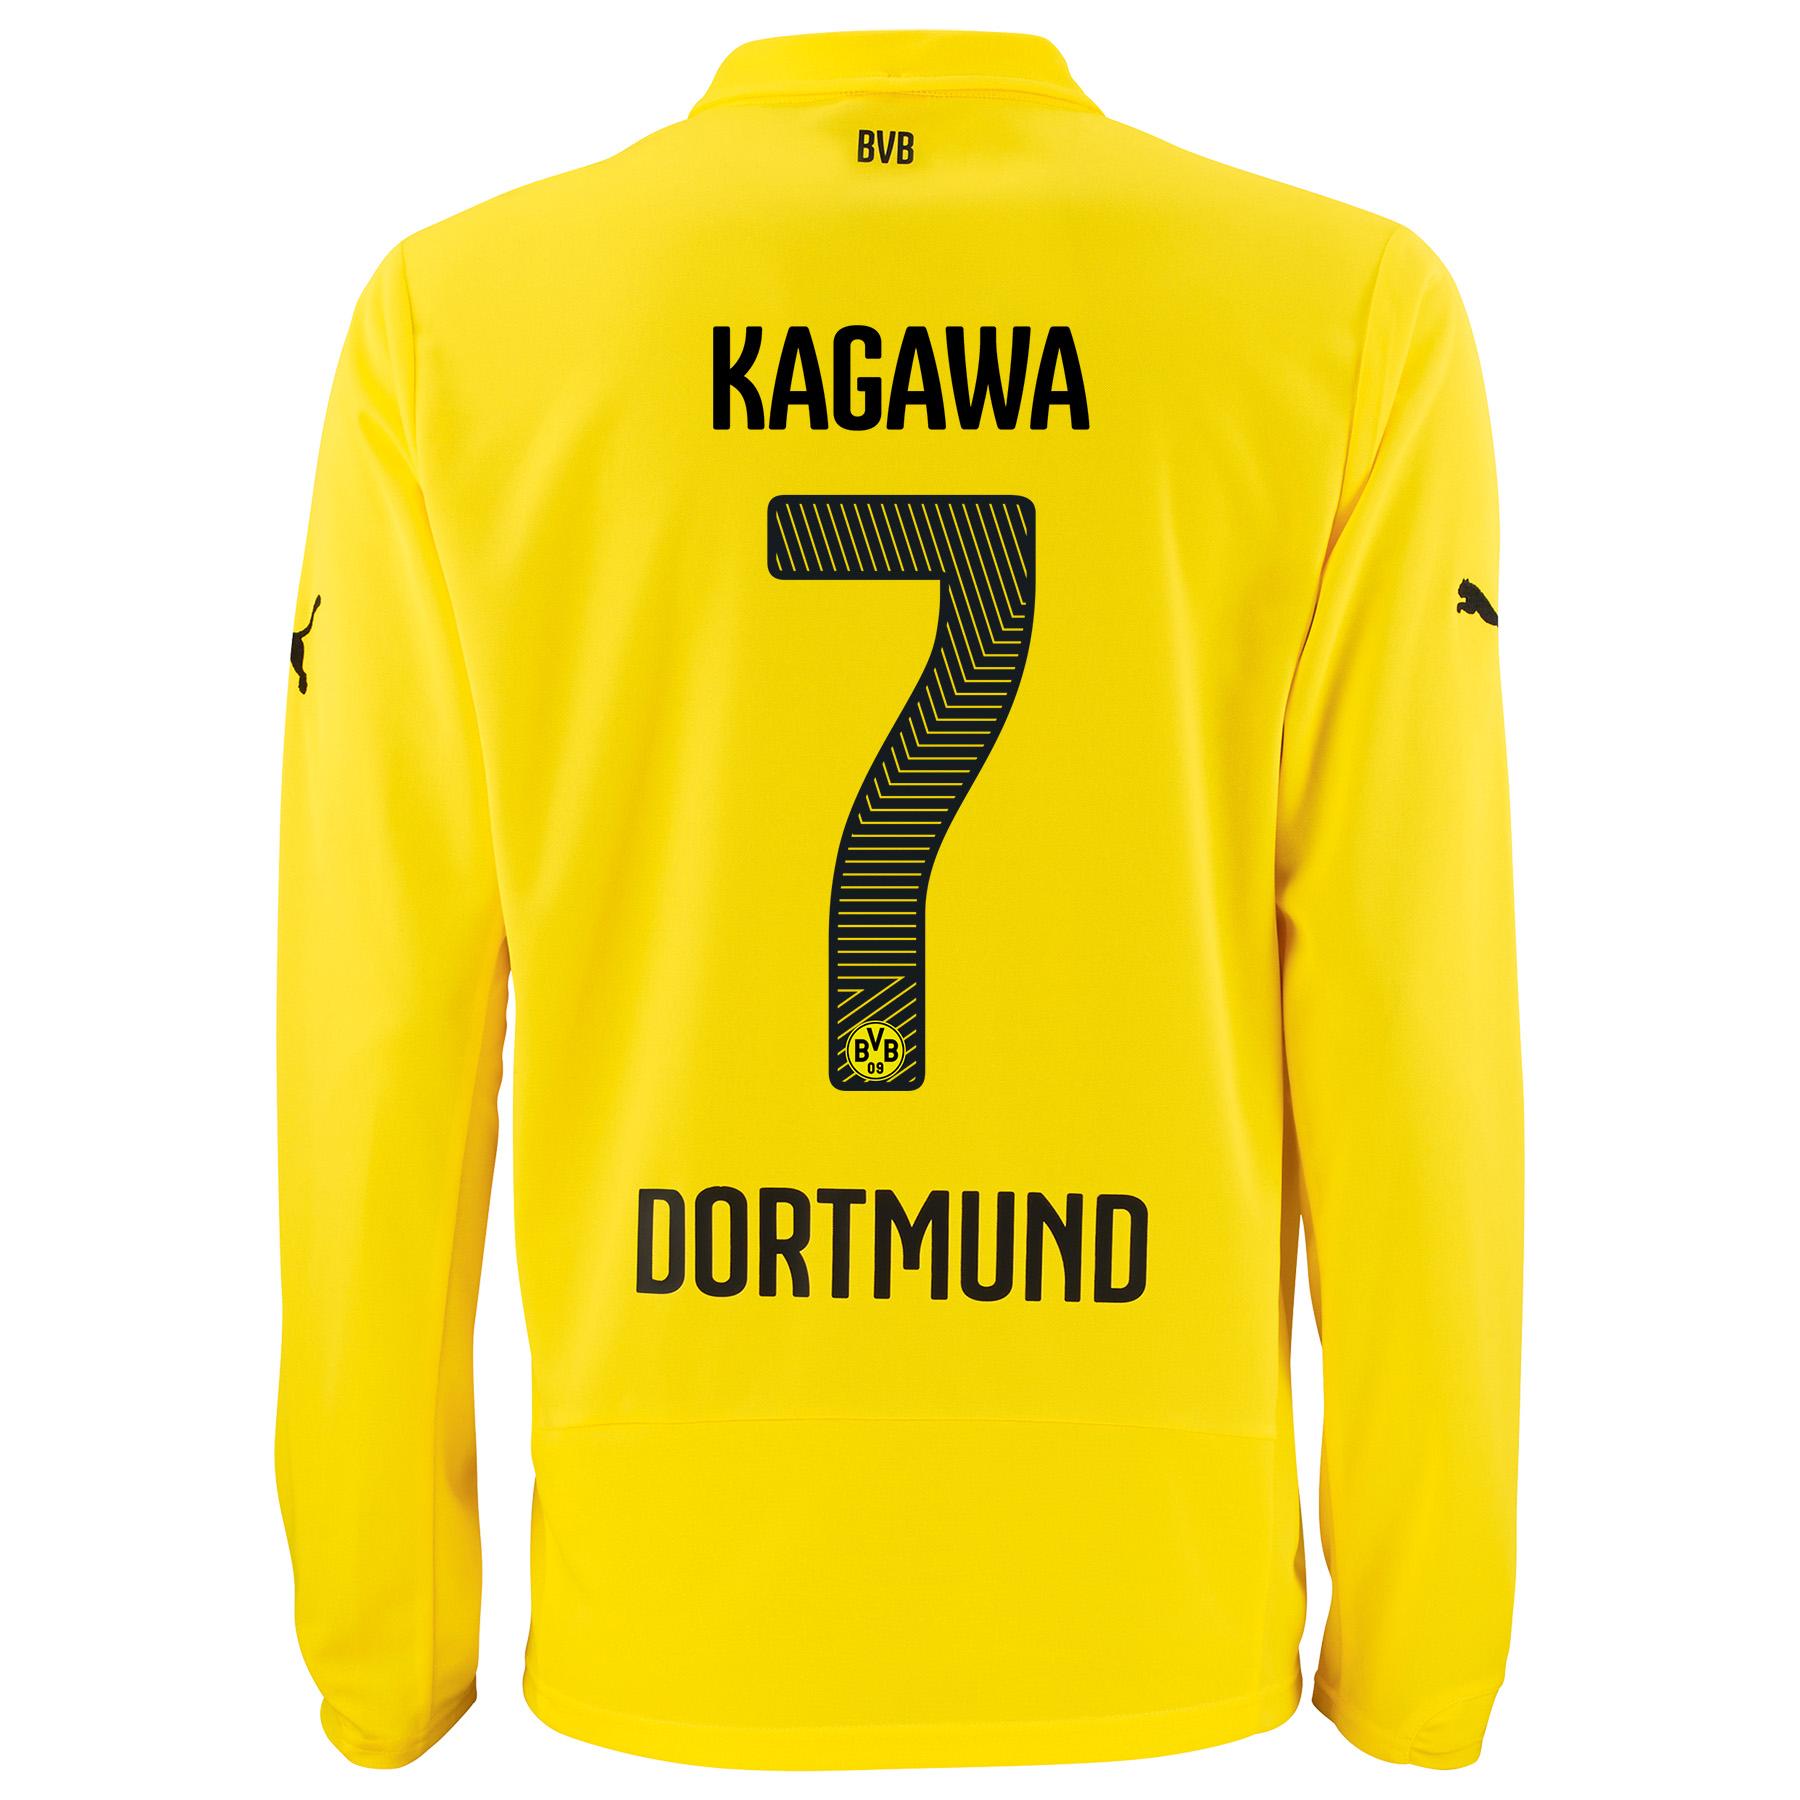 BVB International Home Shirt 2014/15 - Long Sleeve with Kagawa 7 printing